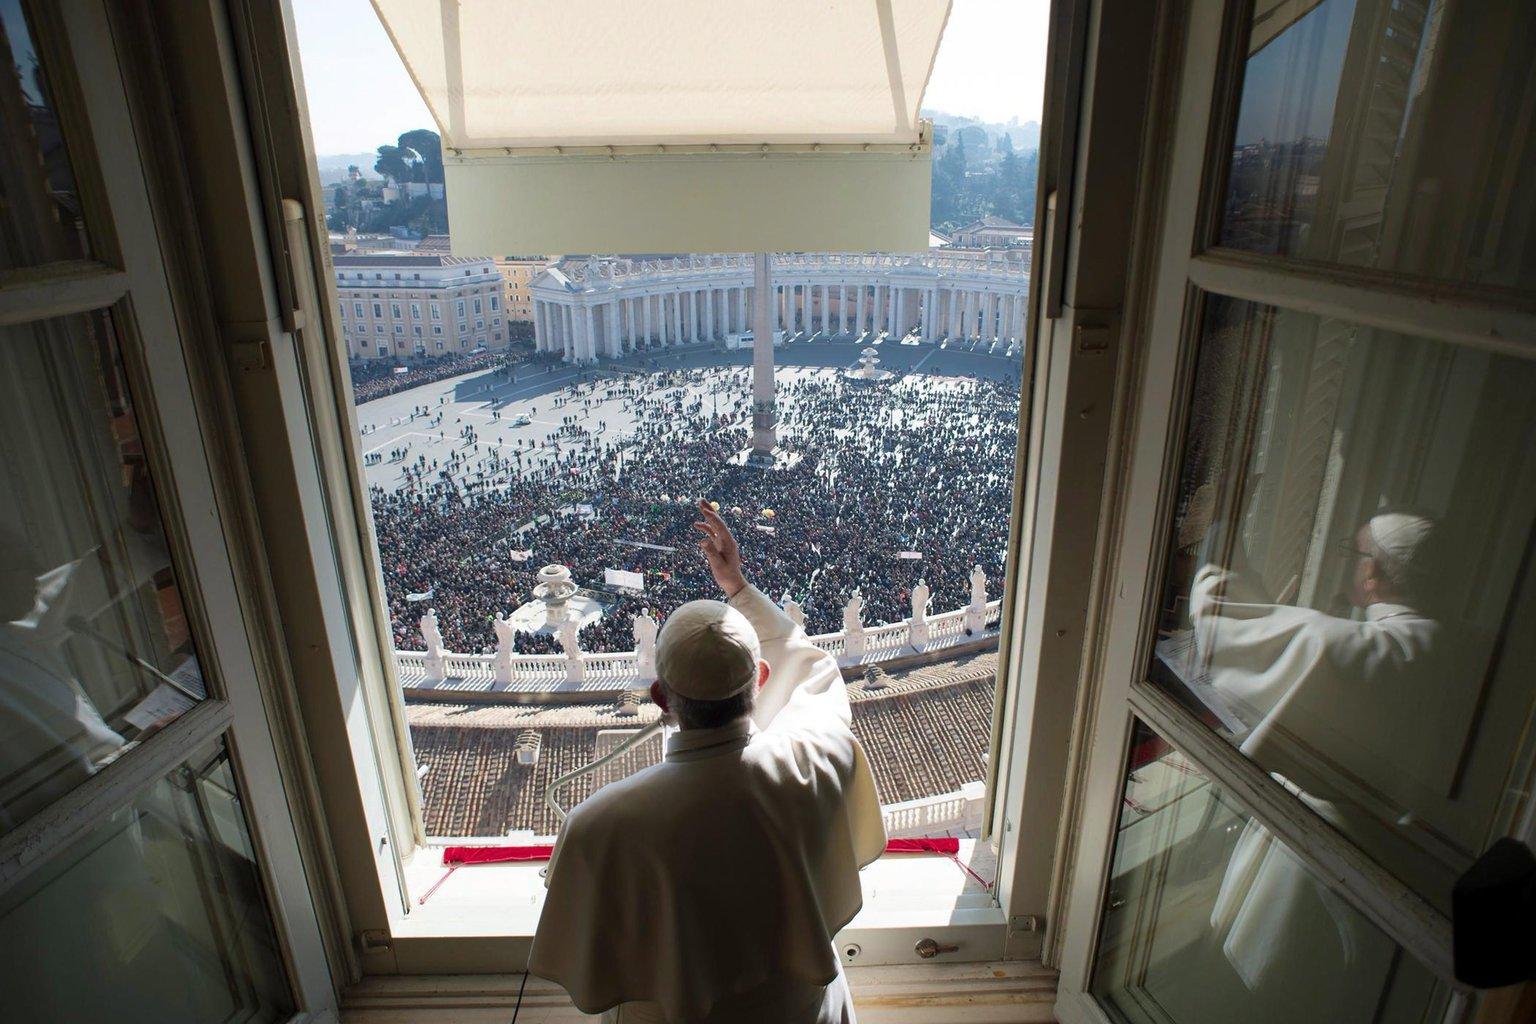 Ferenc pápa hagyományos vasárnapi Úrangyala (Angelus) imádságot mond vatikáni lakosztályának a római Szent Péter térre néző ablakából 2017. január 29-én - képünk illusztráció (Fotó: MTI/EPA/L'Osservatore Romano)